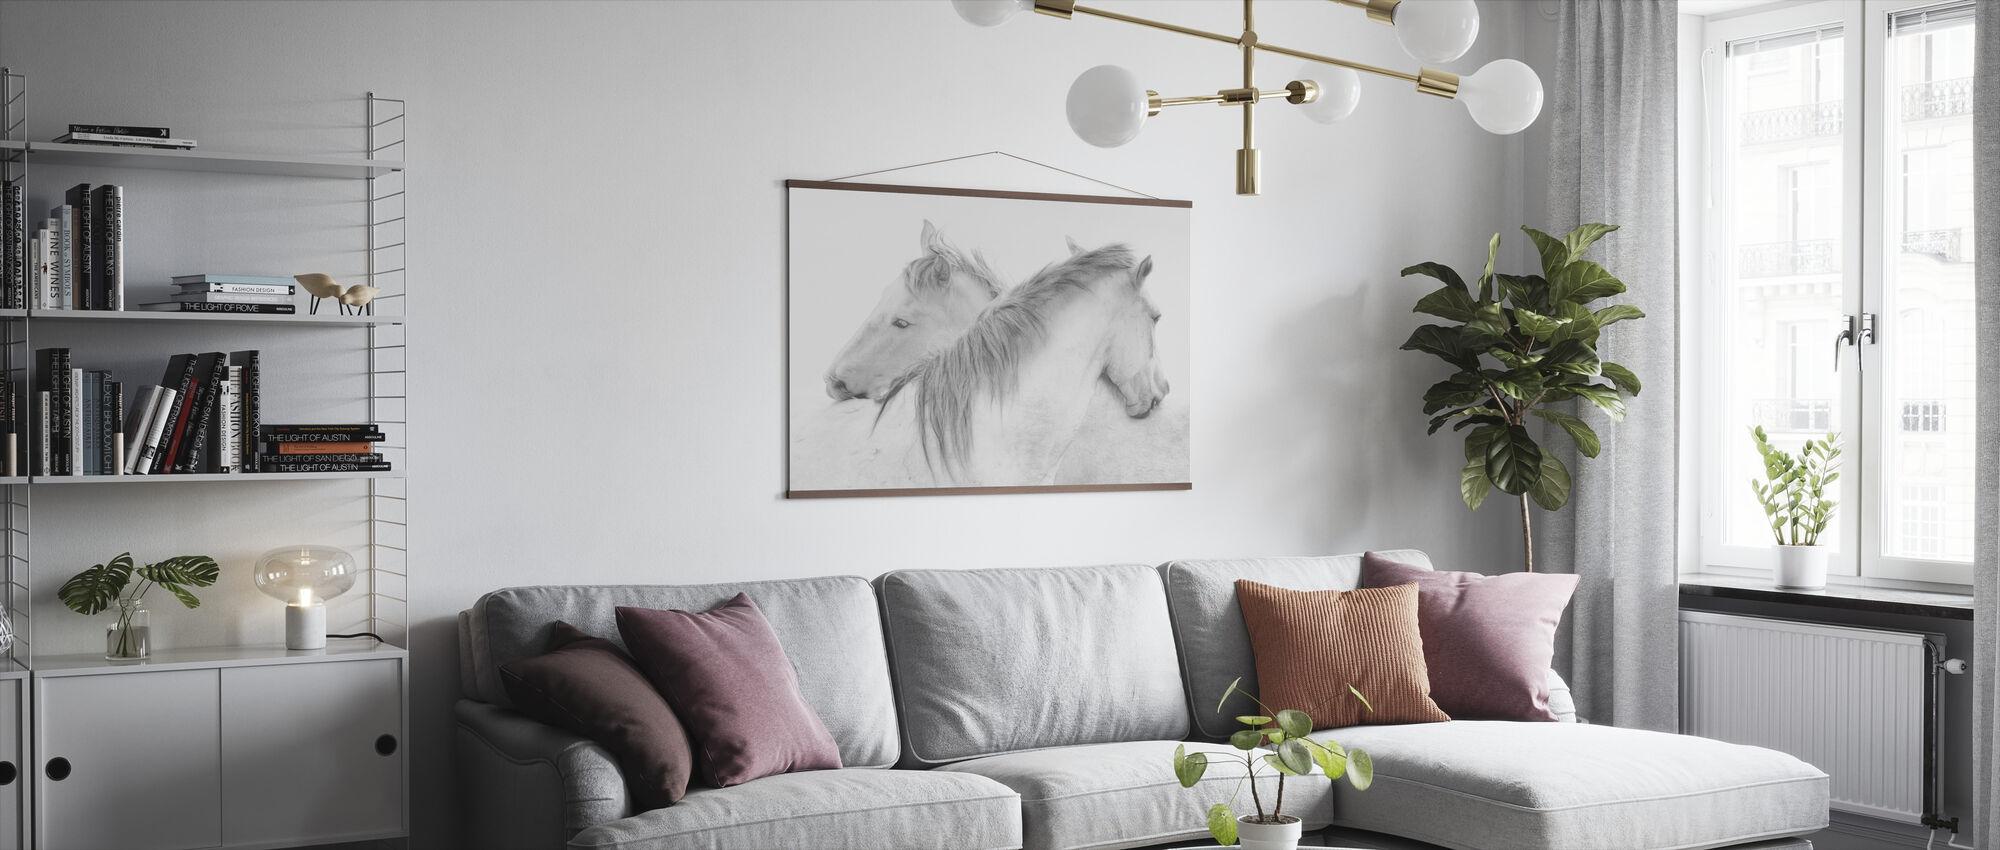 Pferde - Poster - Wohnzimmer